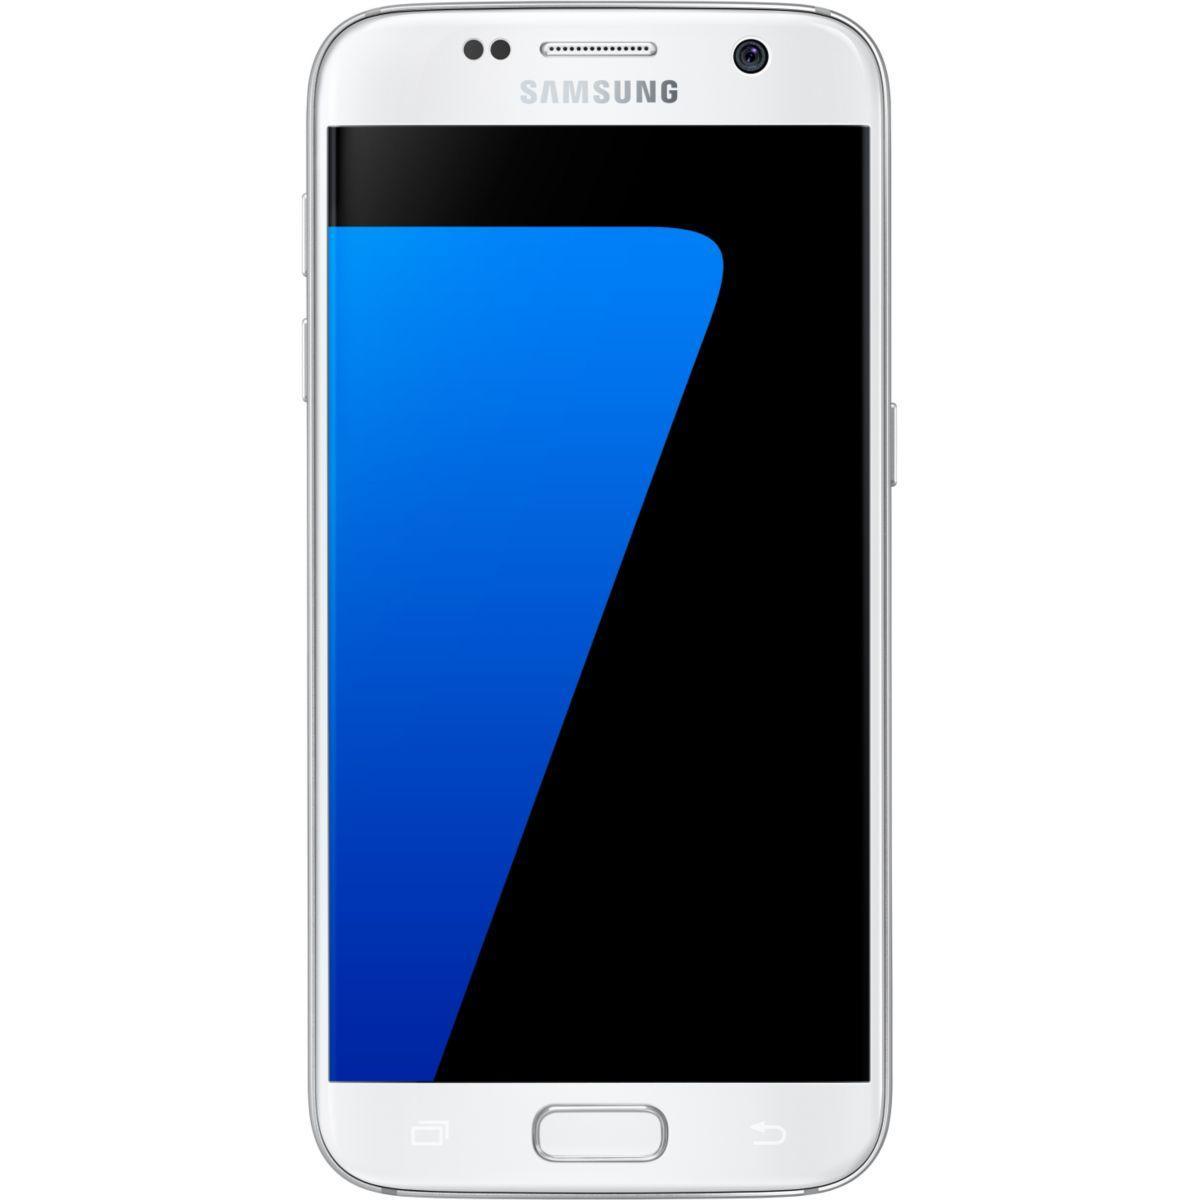 Pack promo smartphone samsung galaxy s7 32go blanc + mémoire samsung micro sd 64go evo plus classe 10 + adapt - soldes et bonnes affaires à prix imbat